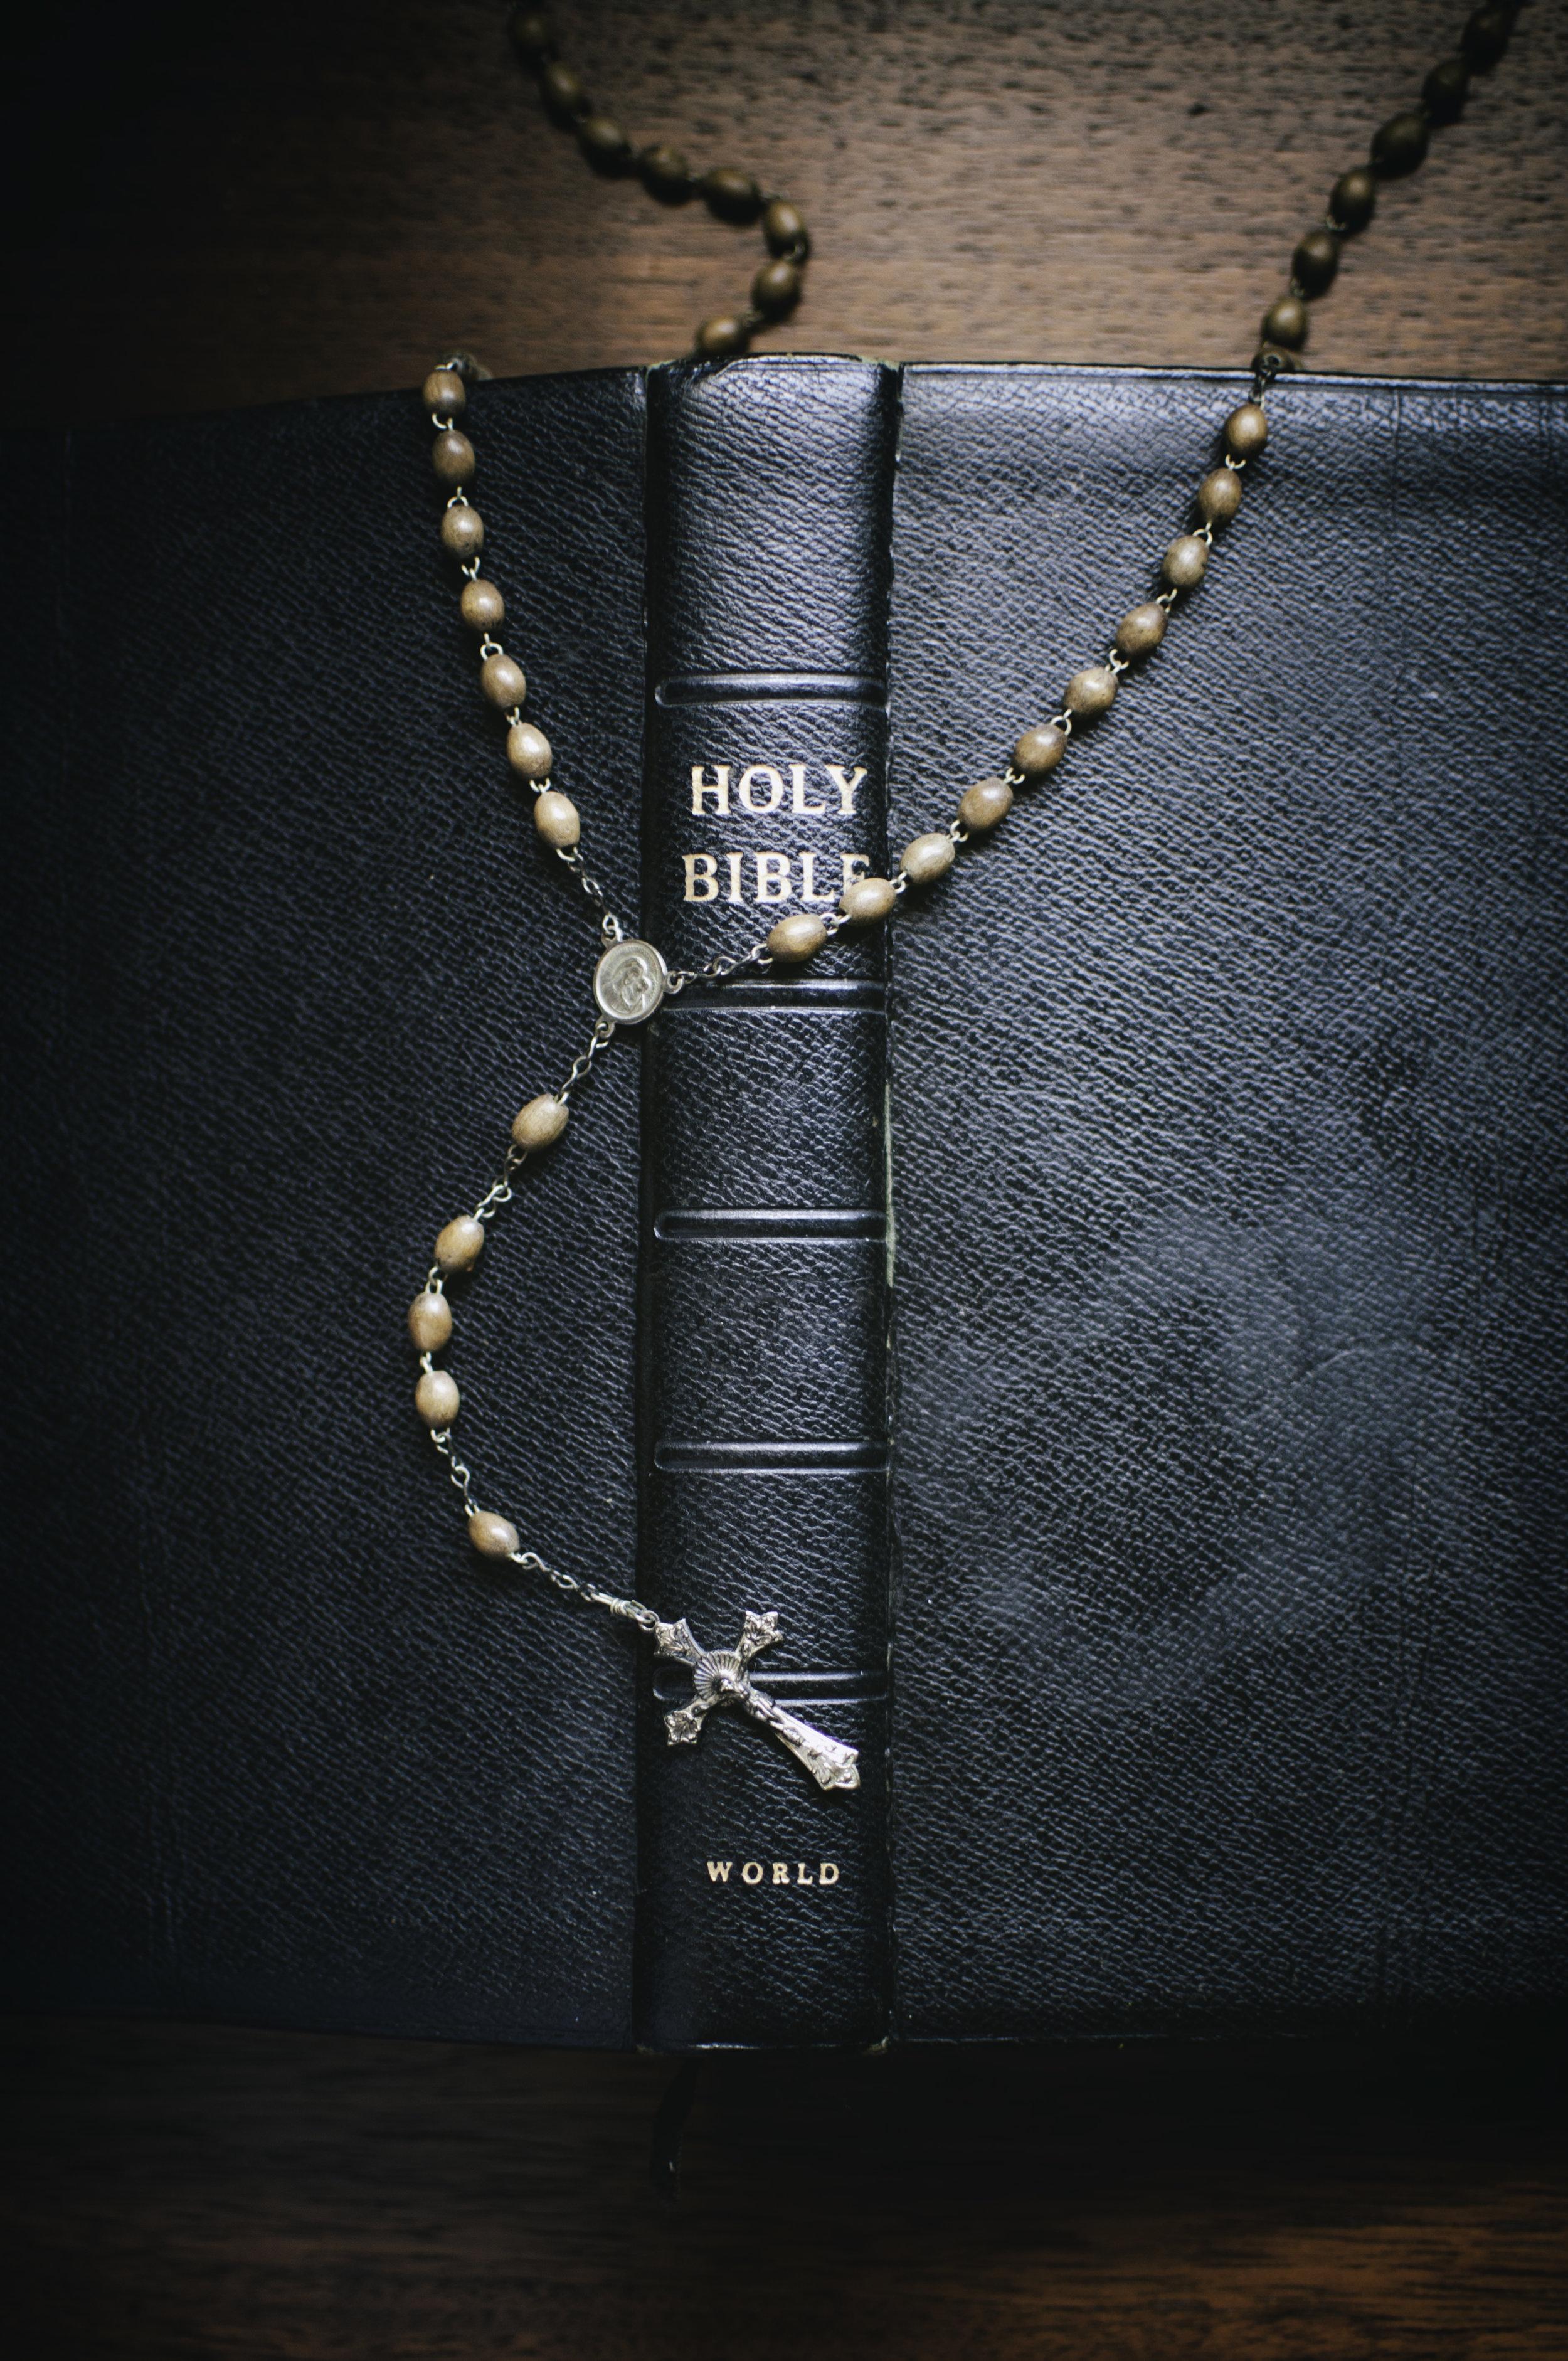 Objects_Bible001.jpg